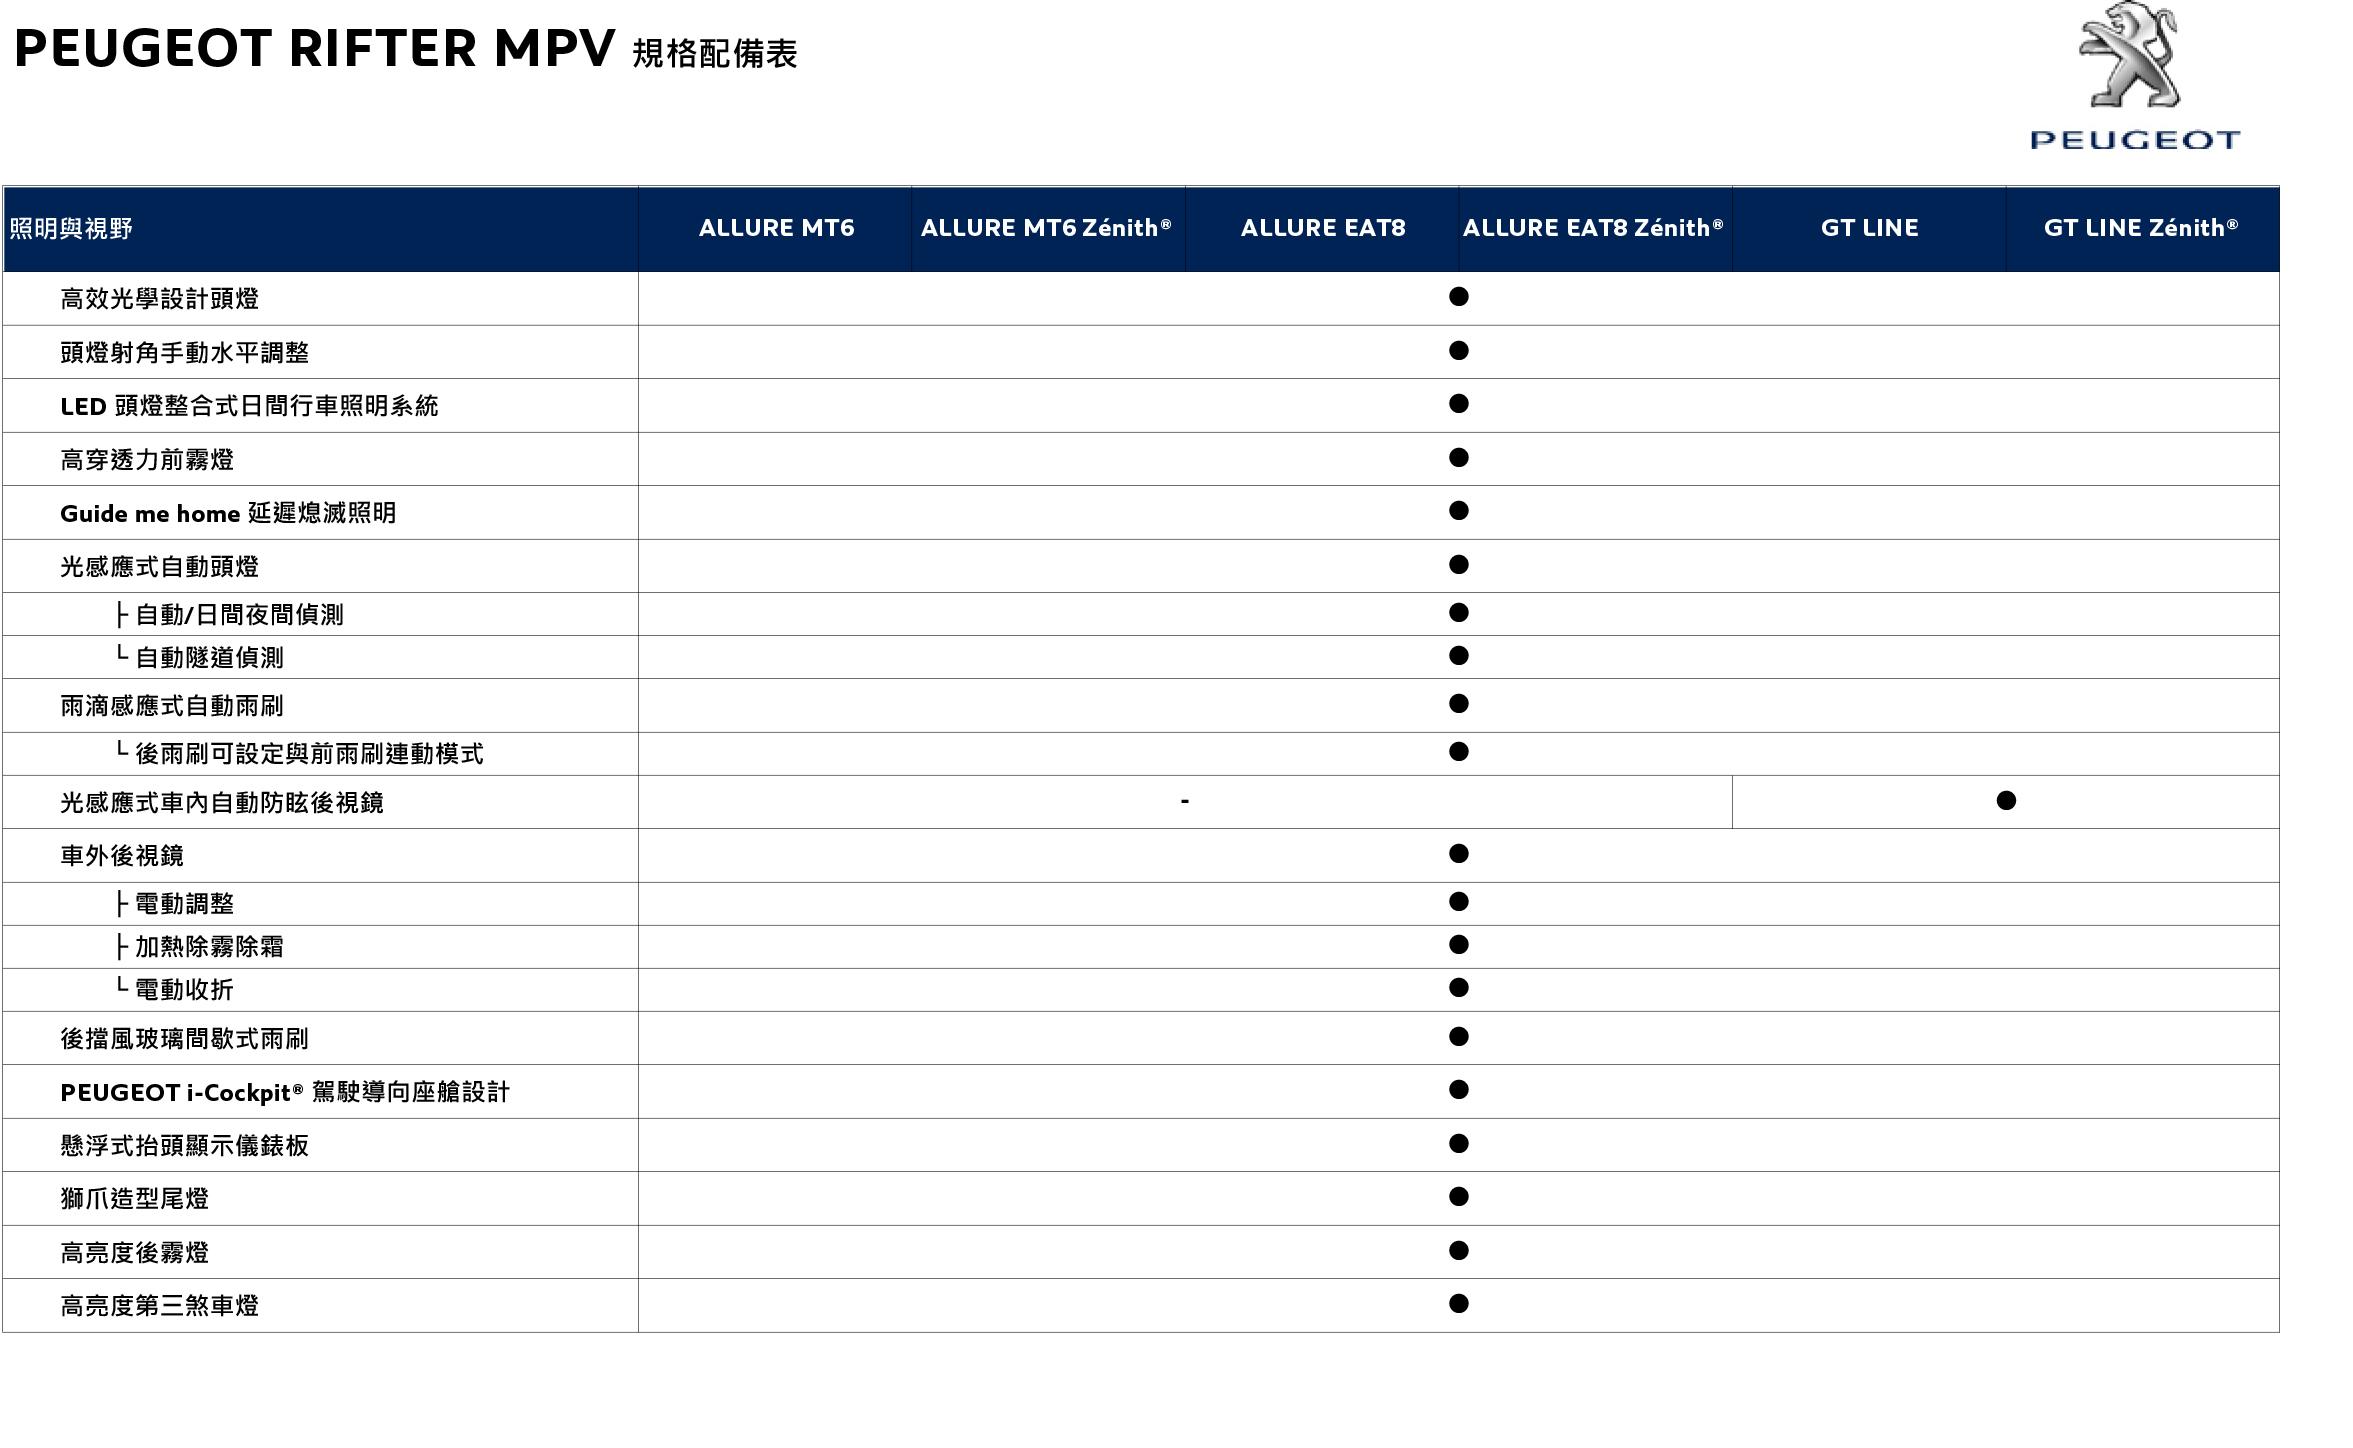 PEUGEOT RIFTER MPV 規格配備表_20191021-5